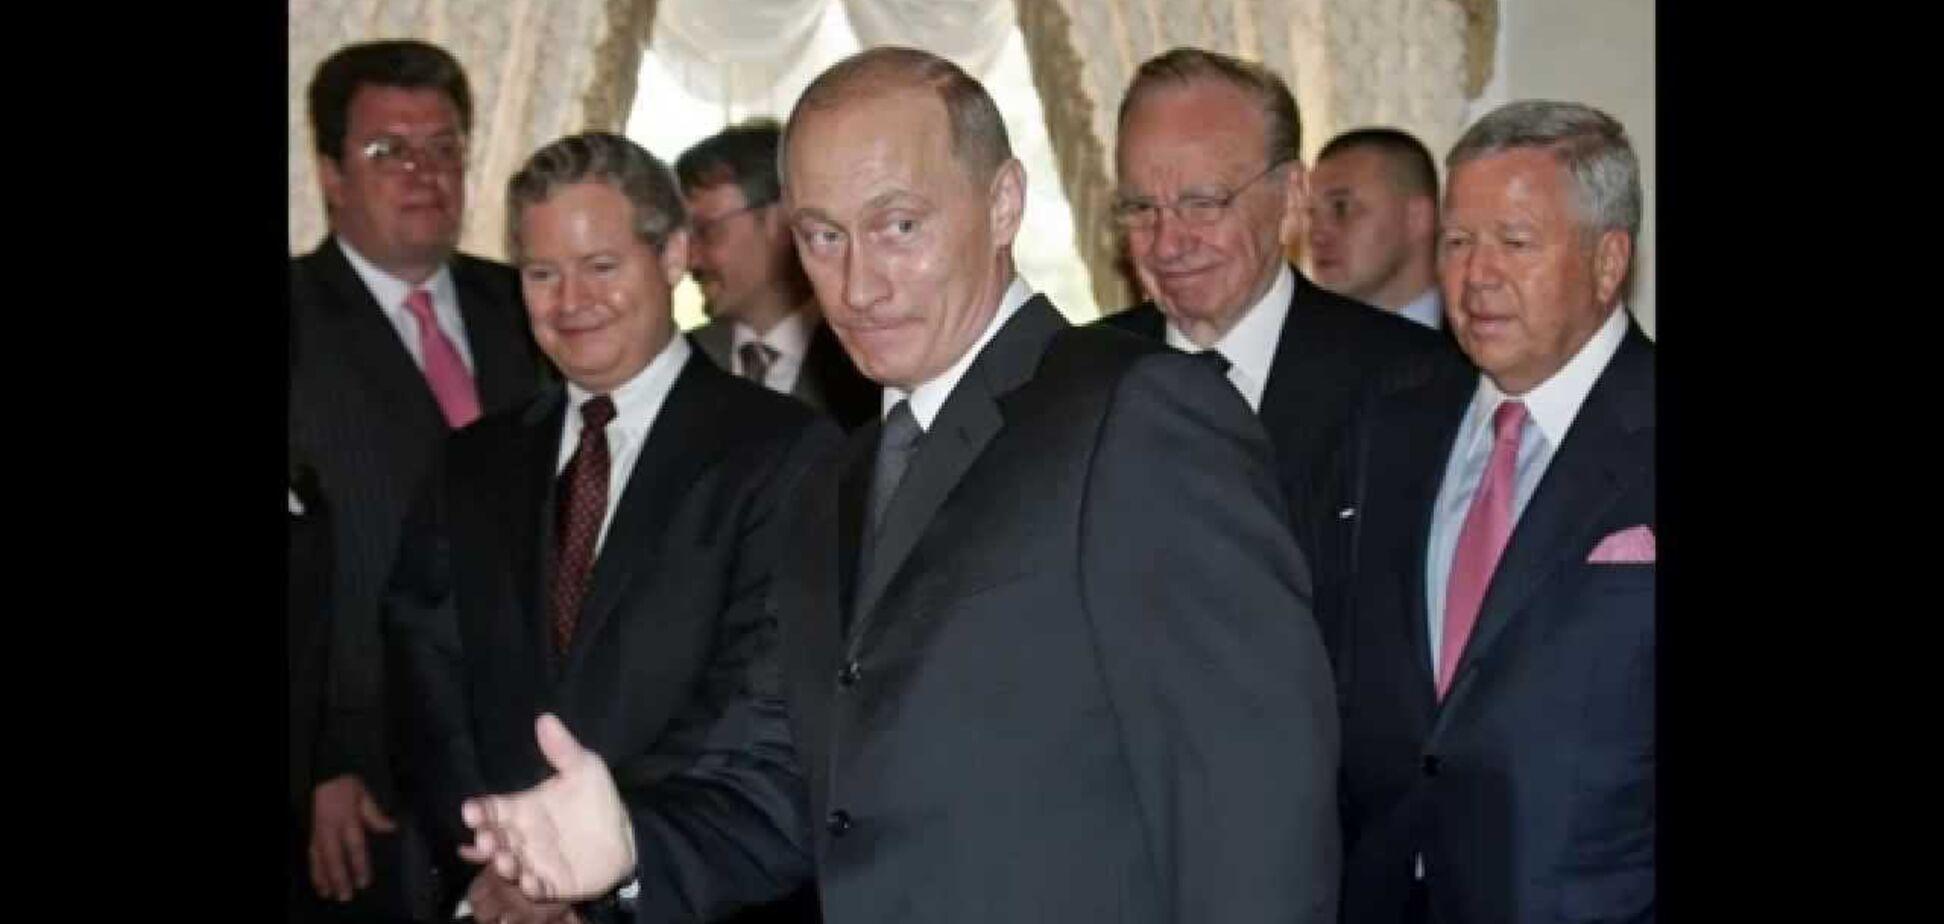 Вместо санкций: друзьям Путина могут предложить жестокую сделку - Федоров